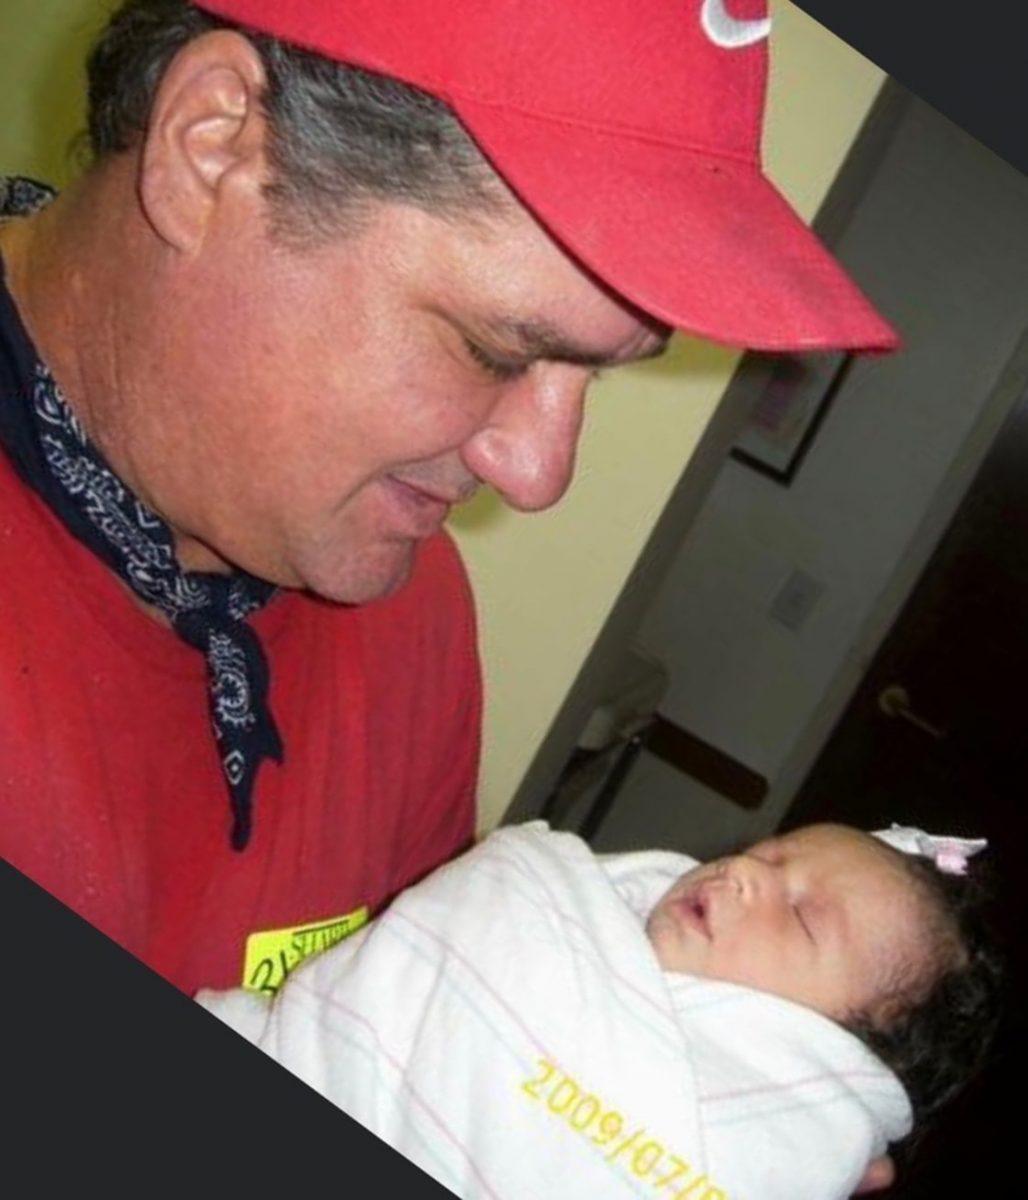 gravida ve pai falecido beijando seu bebe no ultrassom e imagem viraliza 2 scaled - Grávida vê pai falecido beijando seu bebê no ultrassom e imagem viraliza